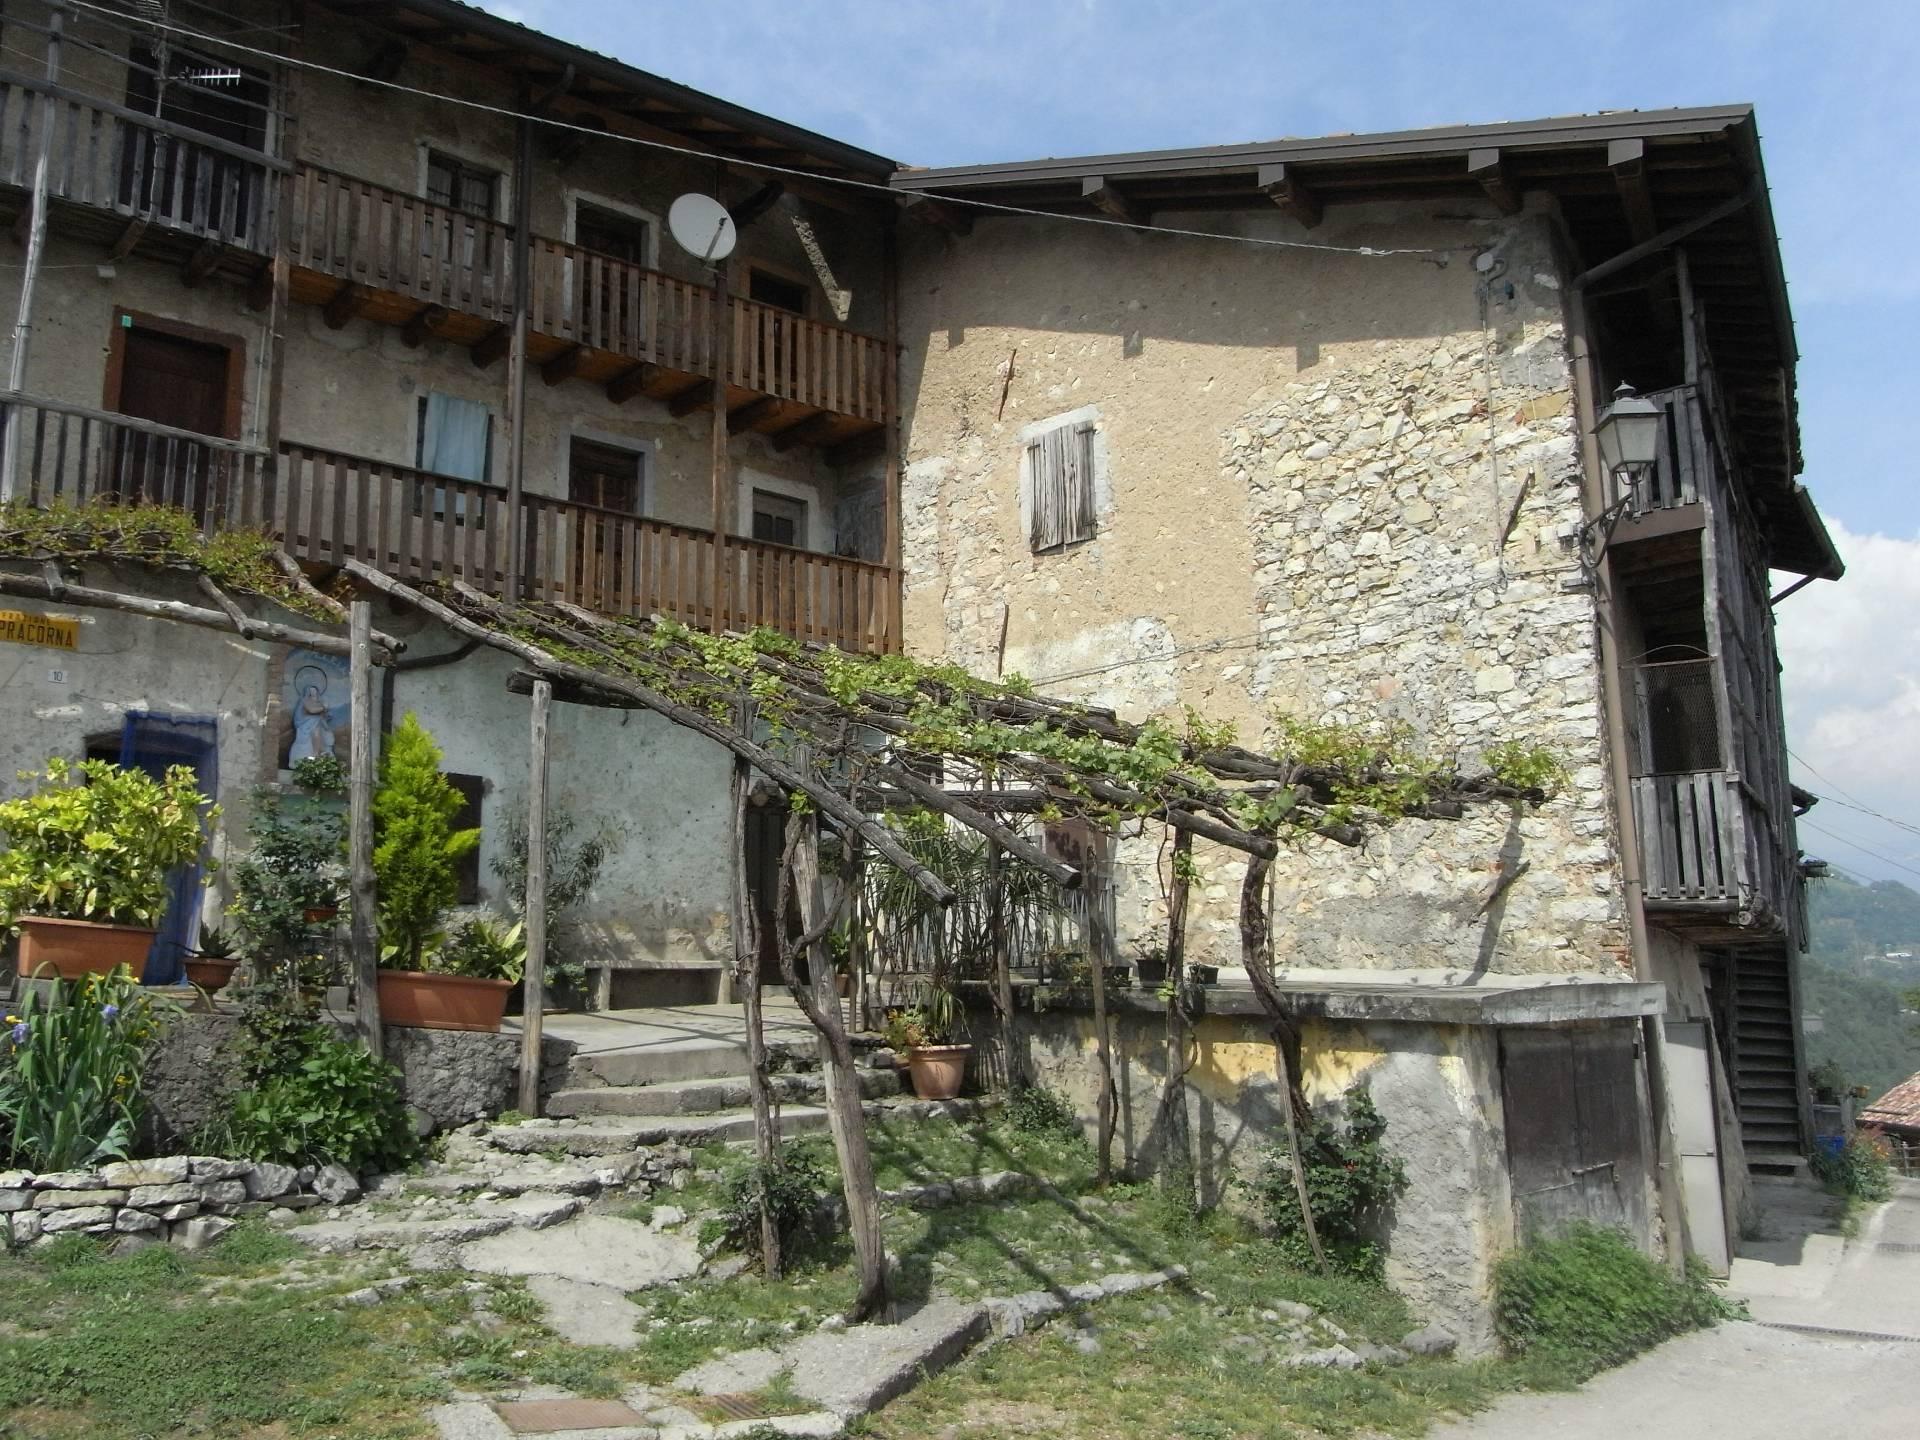 Rustico / Casale in vendita a Ubiale Clanezzo, 3 locali, zona Località: Terrazze, prezzo € 30.000 | CambioCasa.it